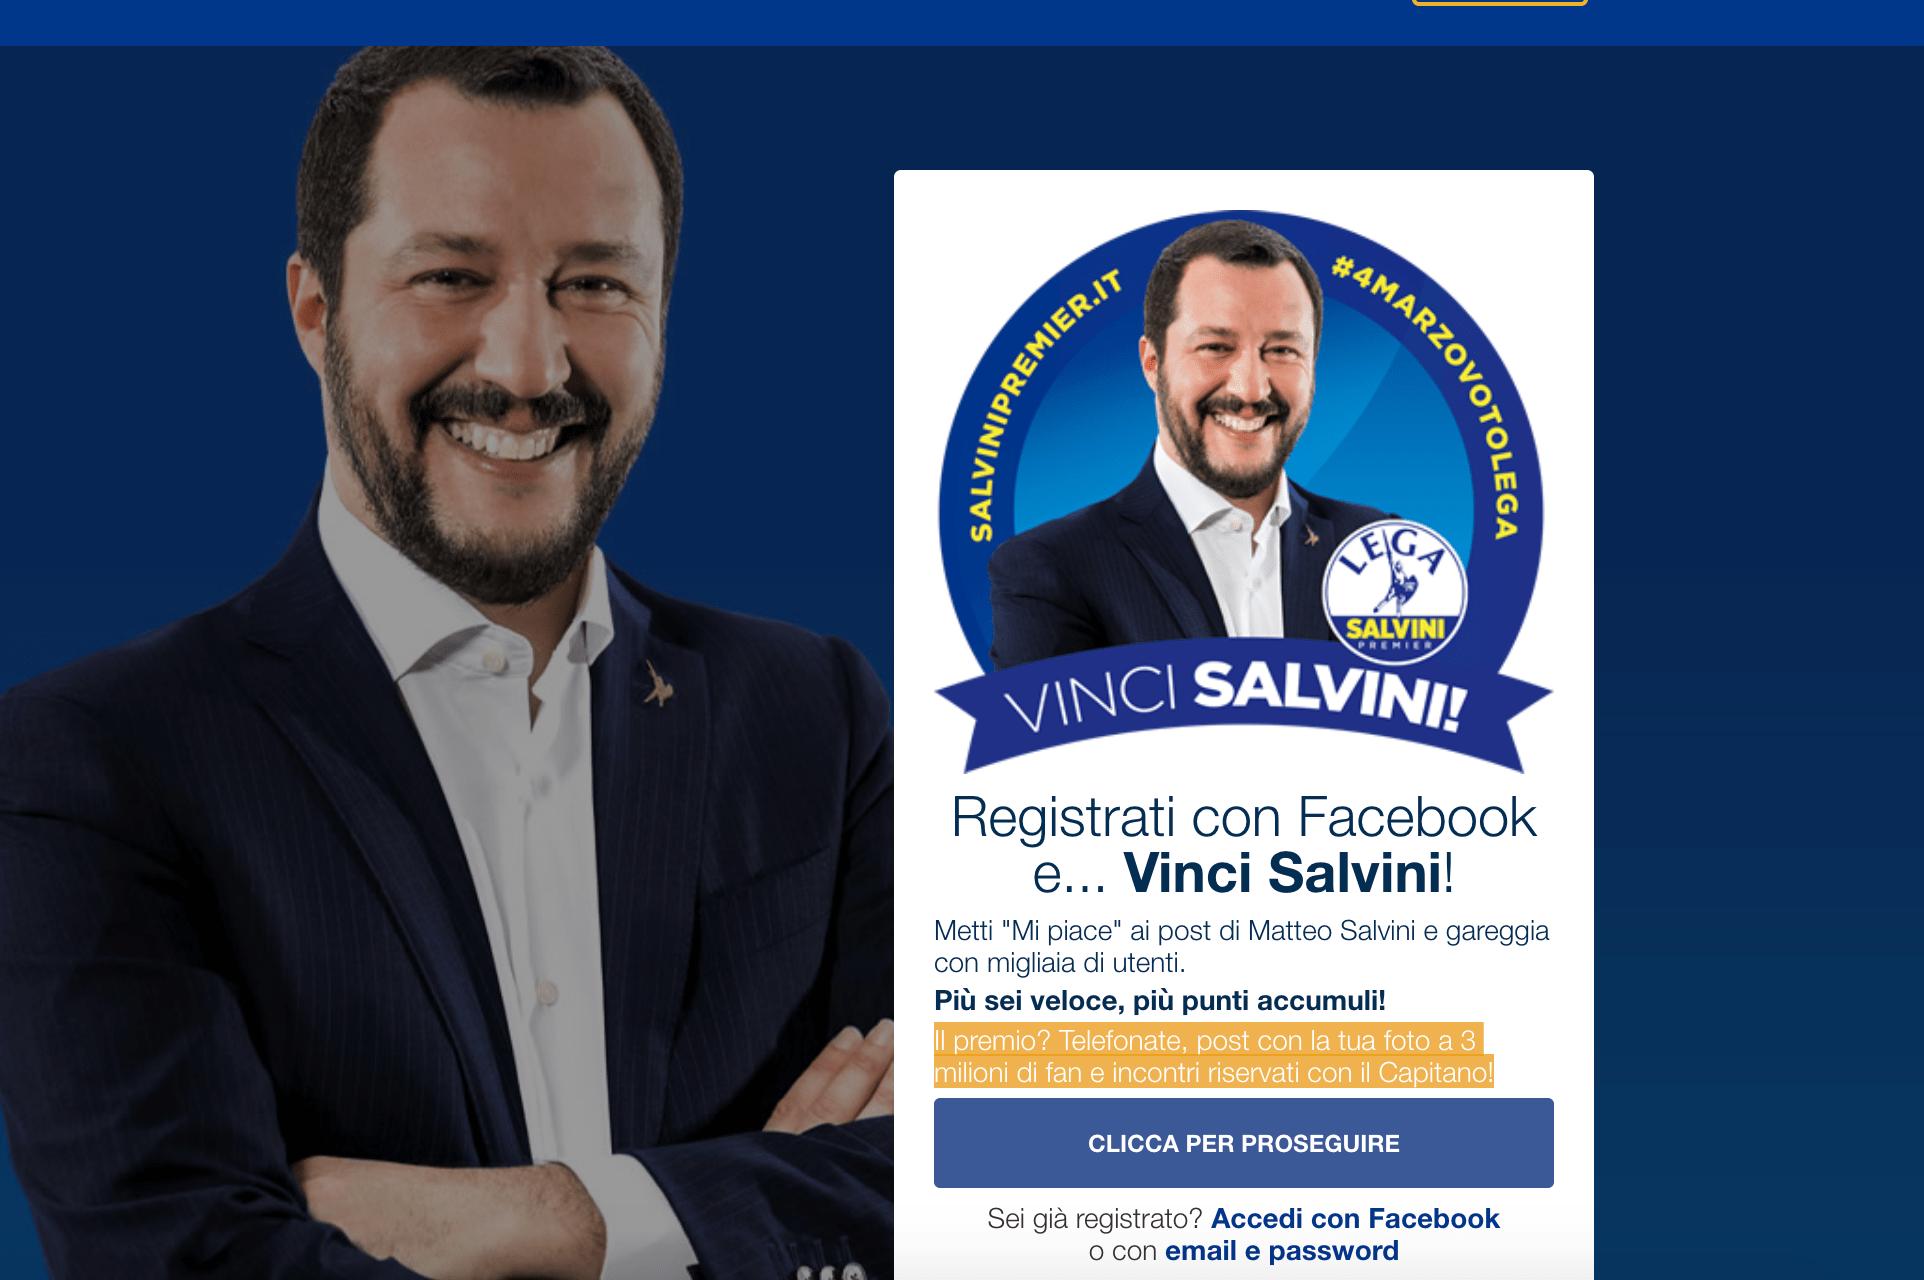 Elezioni 2018, arriva 'Vinci Salvini': il concorso a premi sui social del leader della Lega